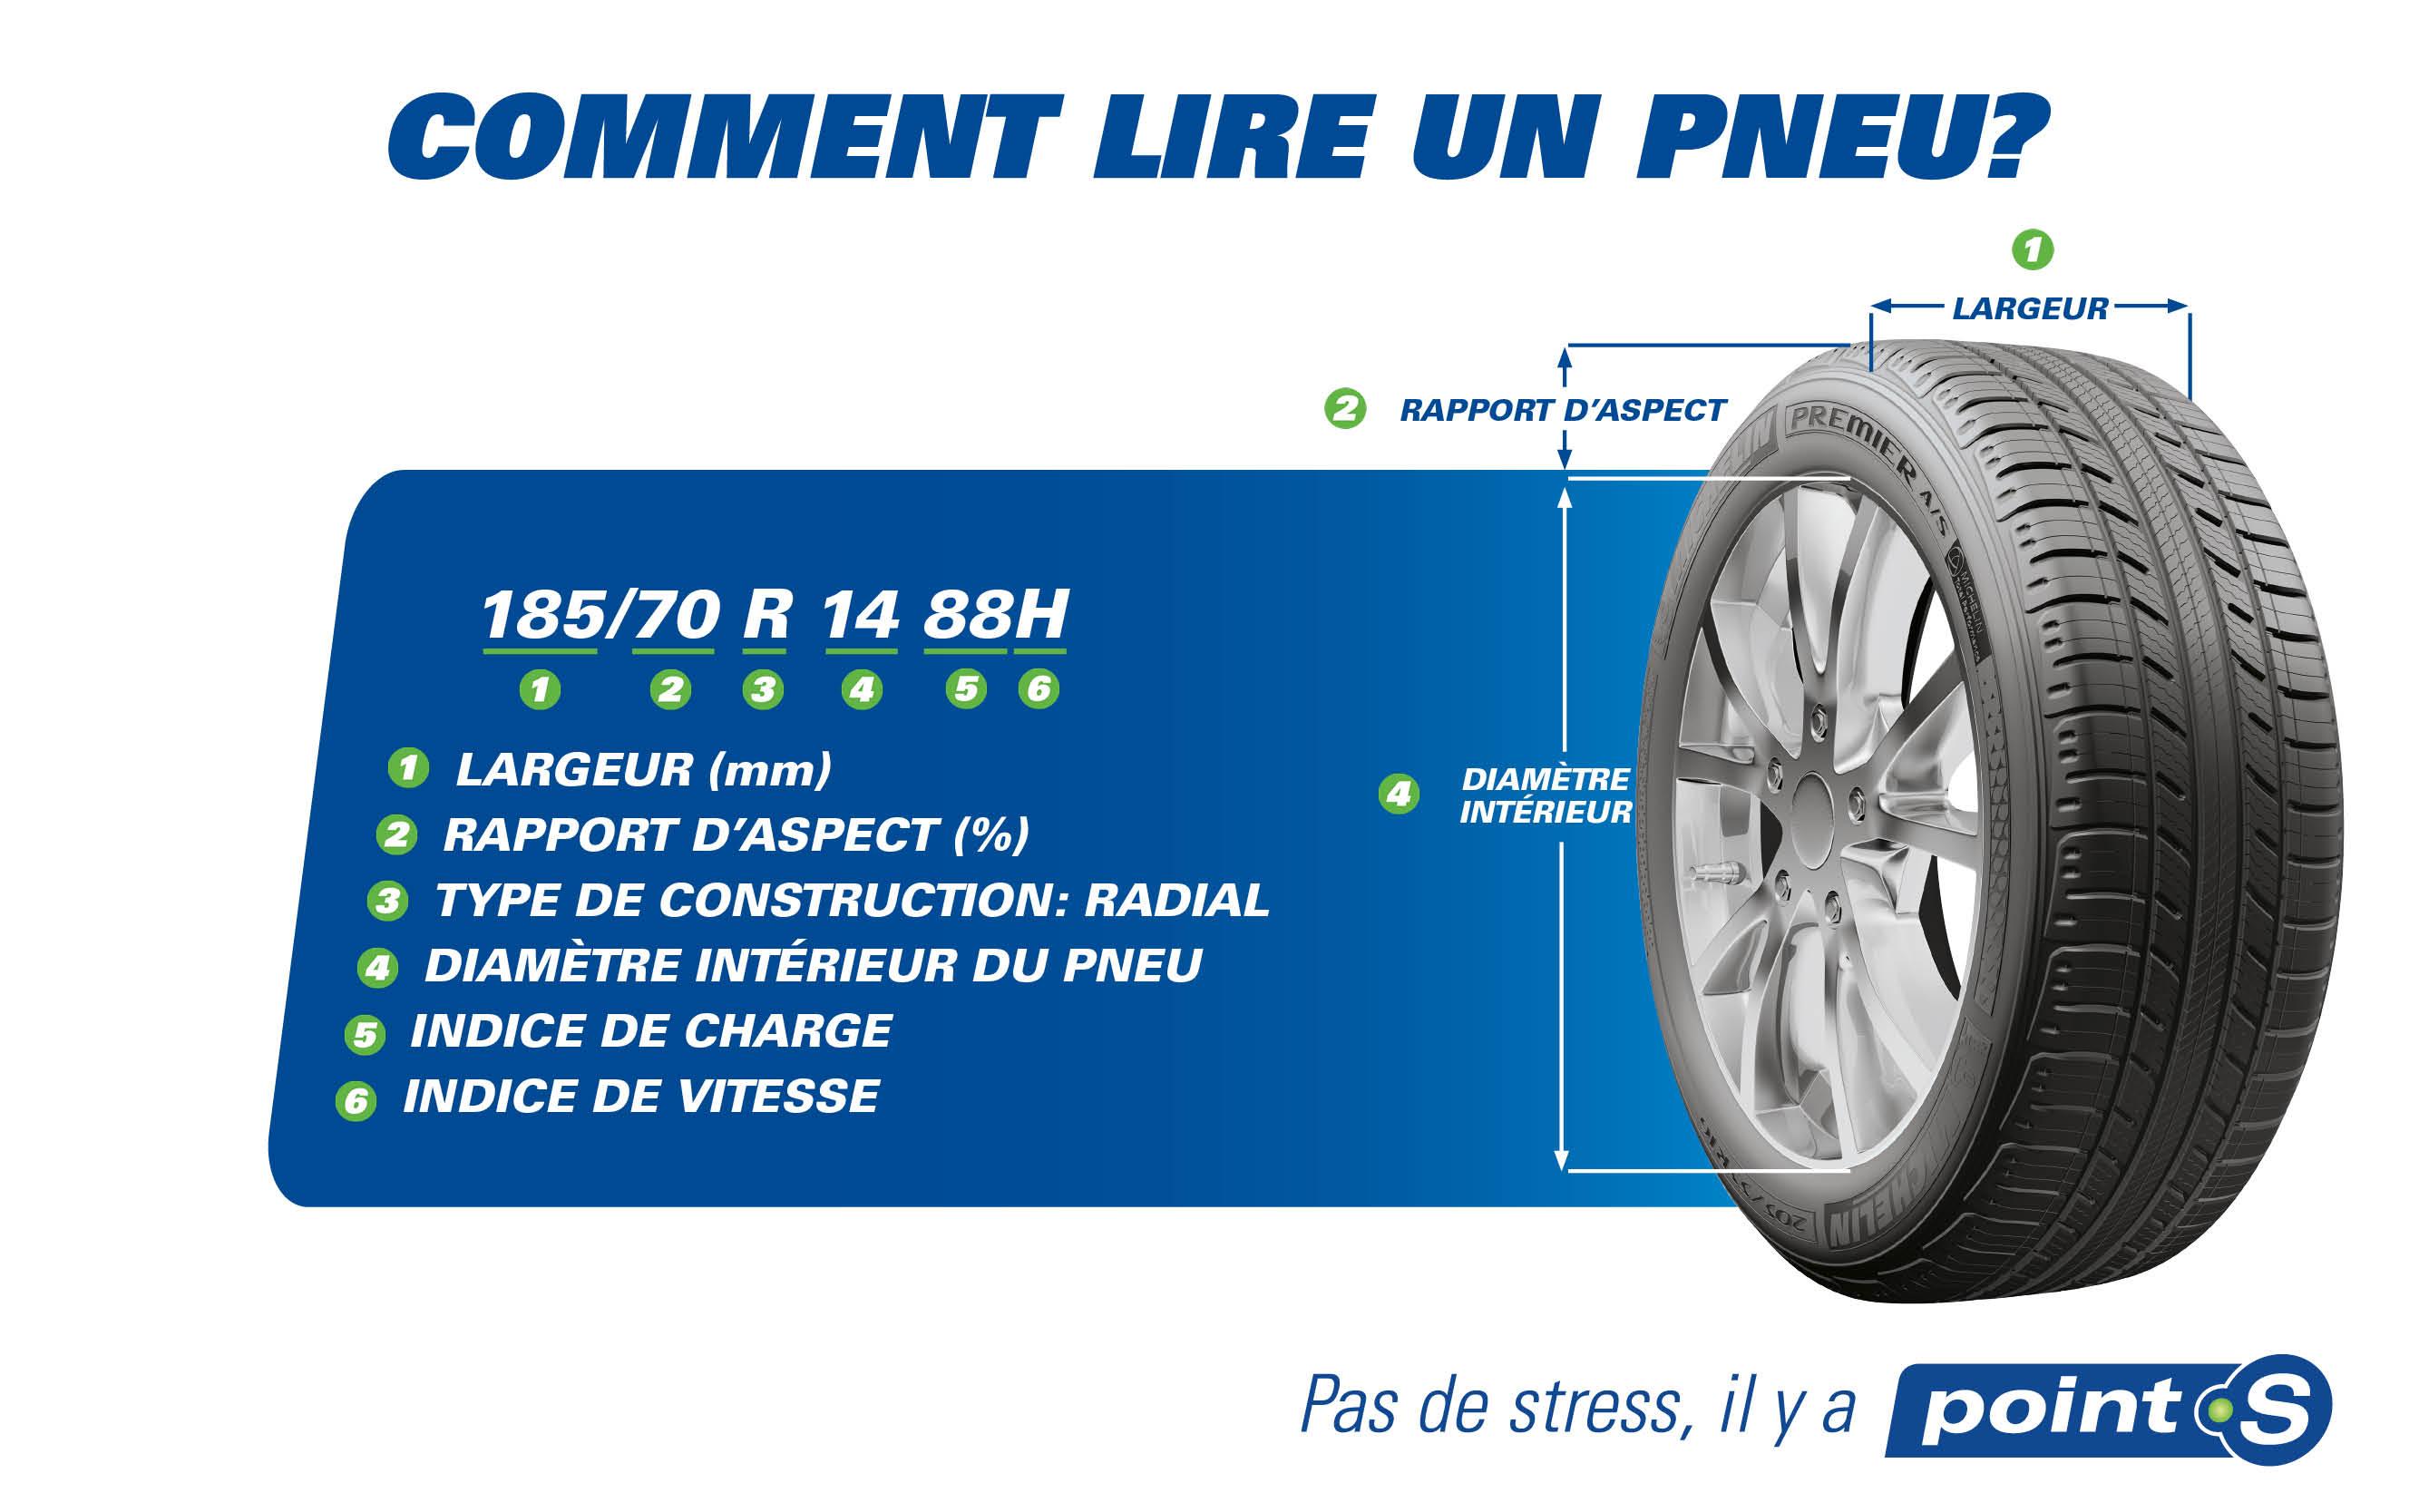 Comment lire un pneu?